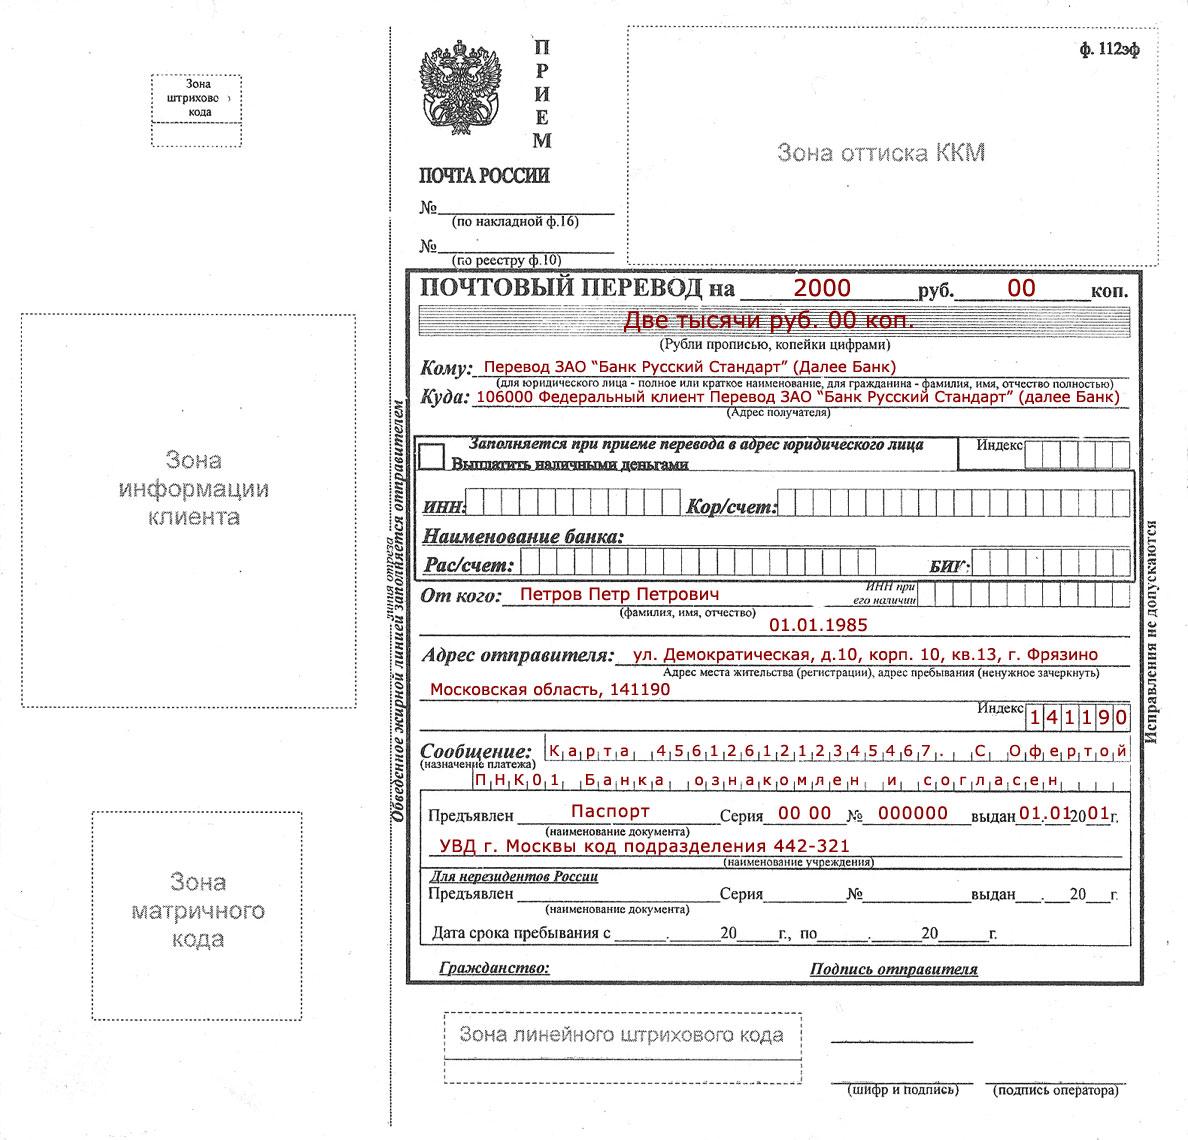 бланк квитанции русский стандарт почтовый перевод